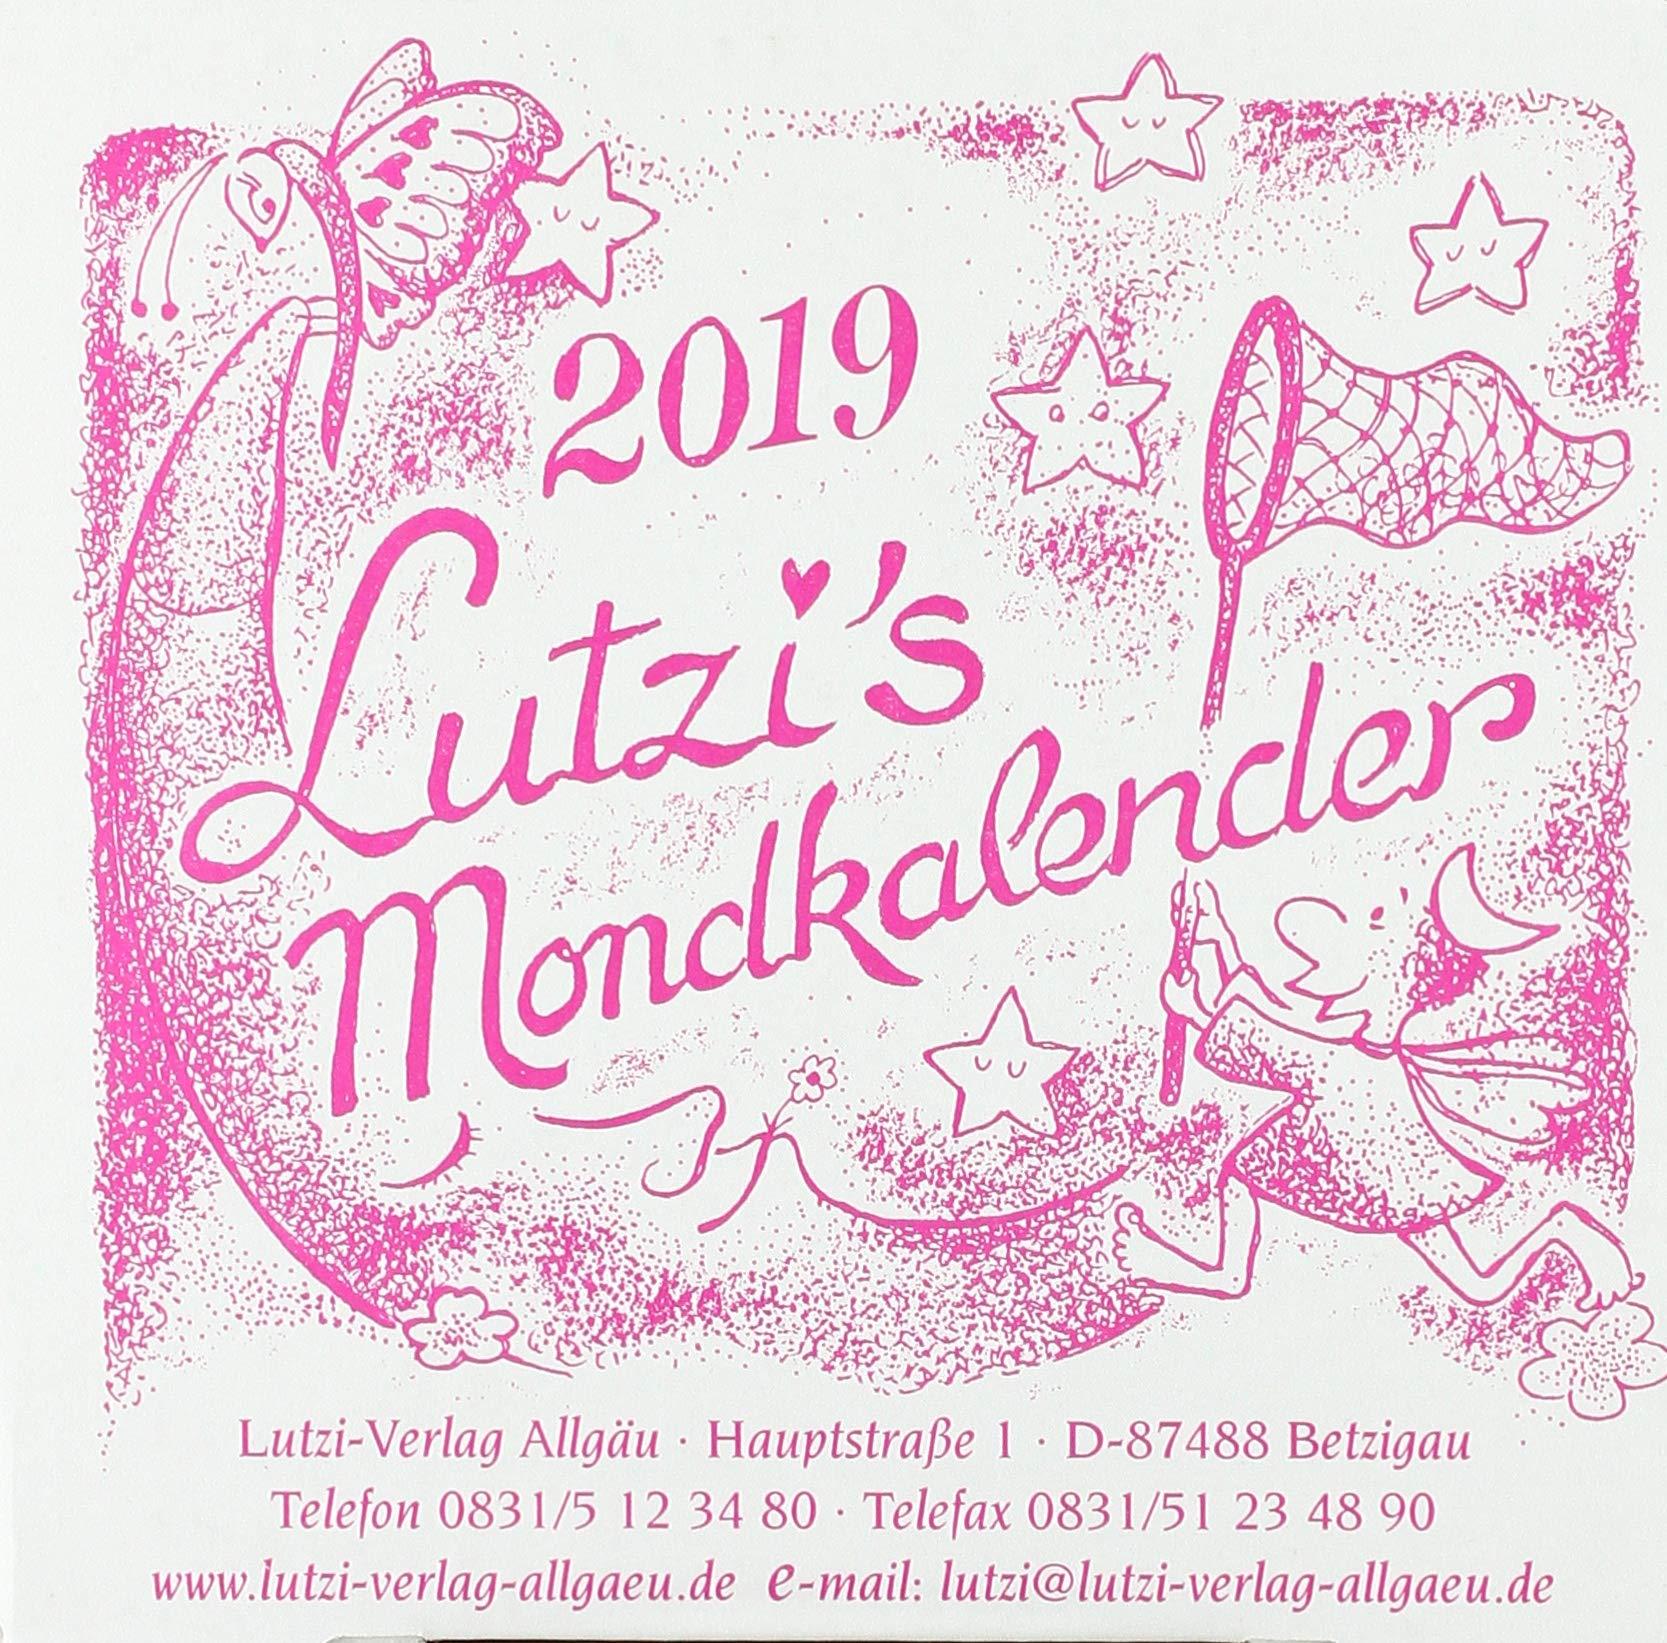 Lutzis Mondkalender rund 2019 Kalender – 30. August 2018 Andrea Lutzenberger Lutzi Verlag Allgaeu 3942966328 Astrologie